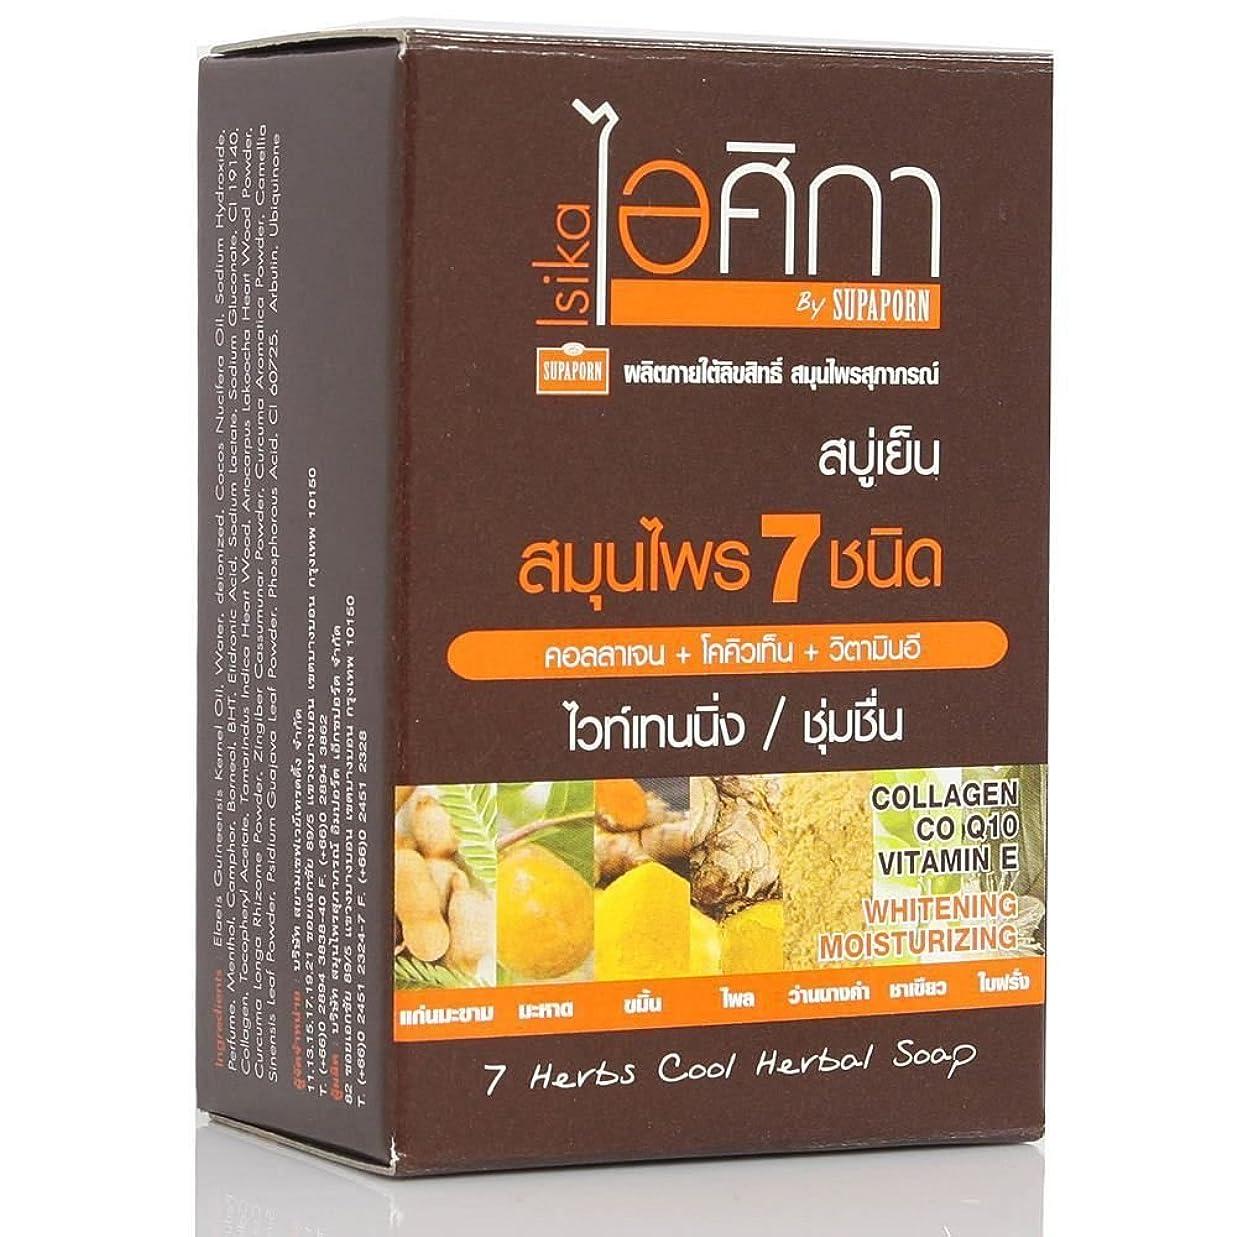 指定する最初にロマンスIsika 7 herbs Cool Herbal Soap with Collagen, Co-enzyme Q10, Vitamin E 100g